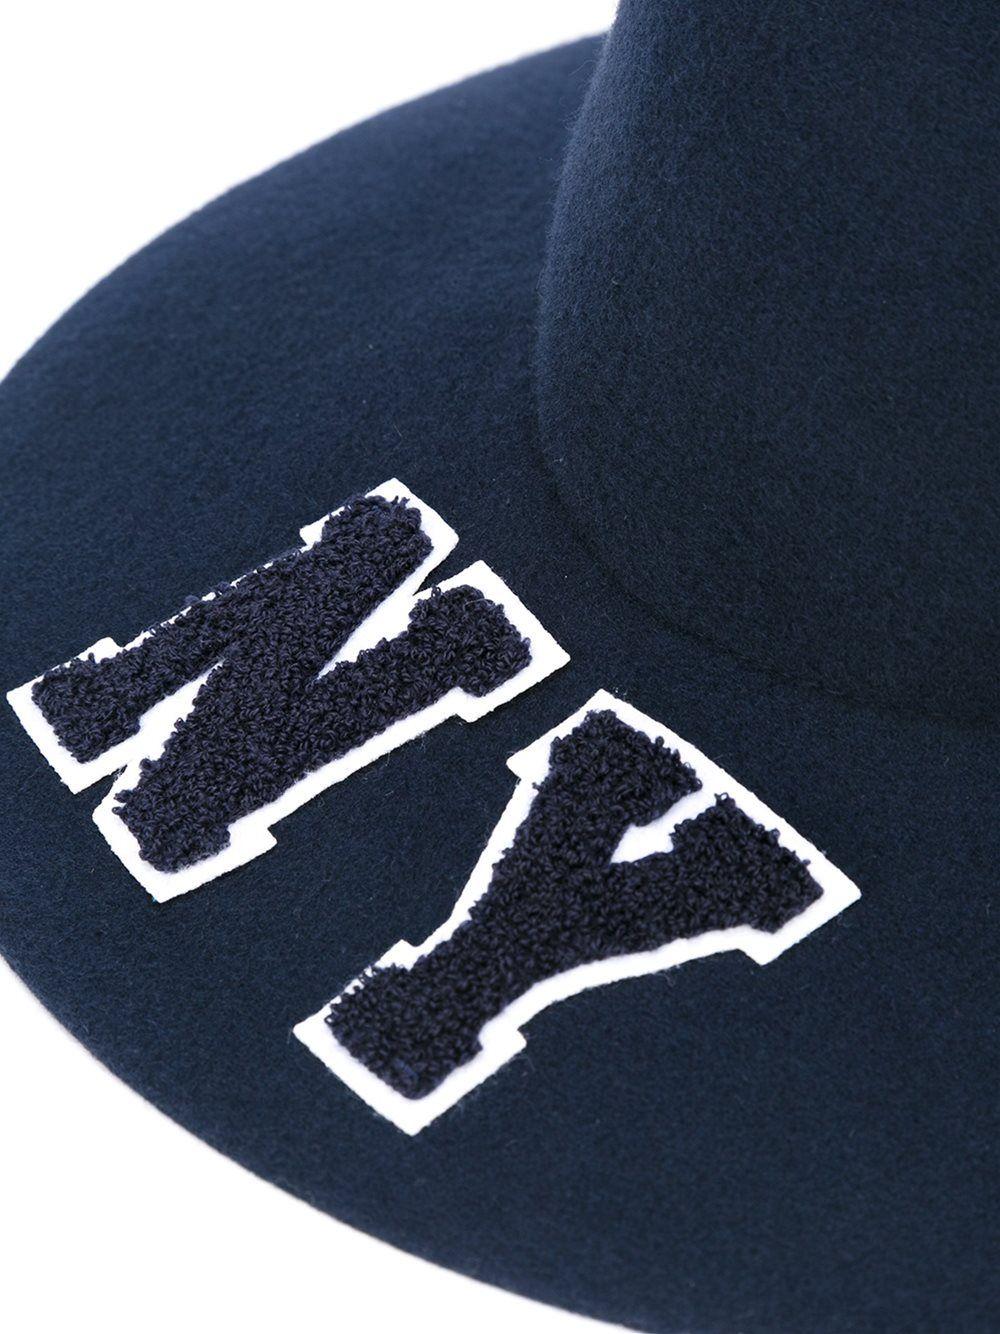 52425dd732c Joshua Sanders 'ny' Fedora Hat - Julian Fashion - Farfetch.com ...